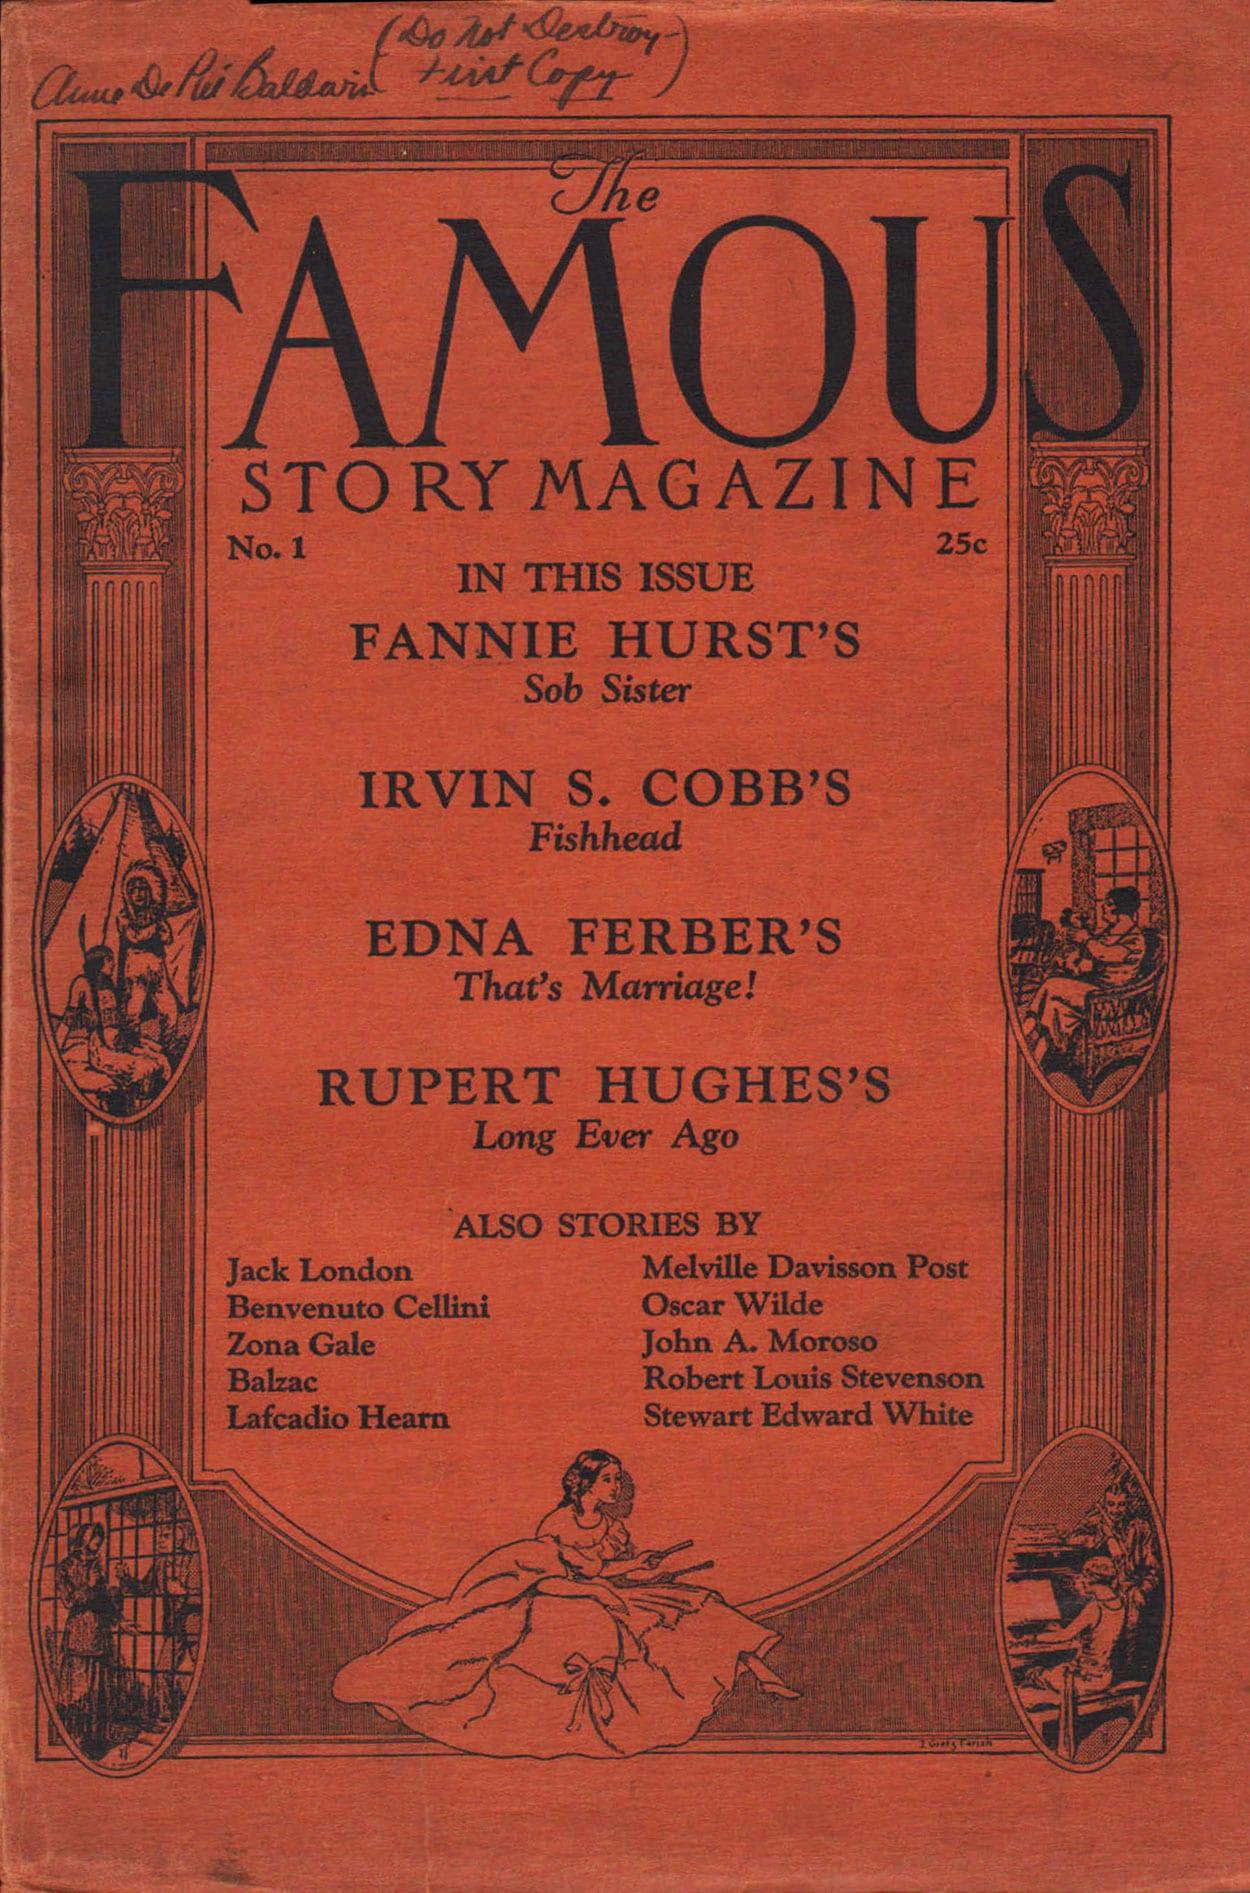 Famous Story Magazine